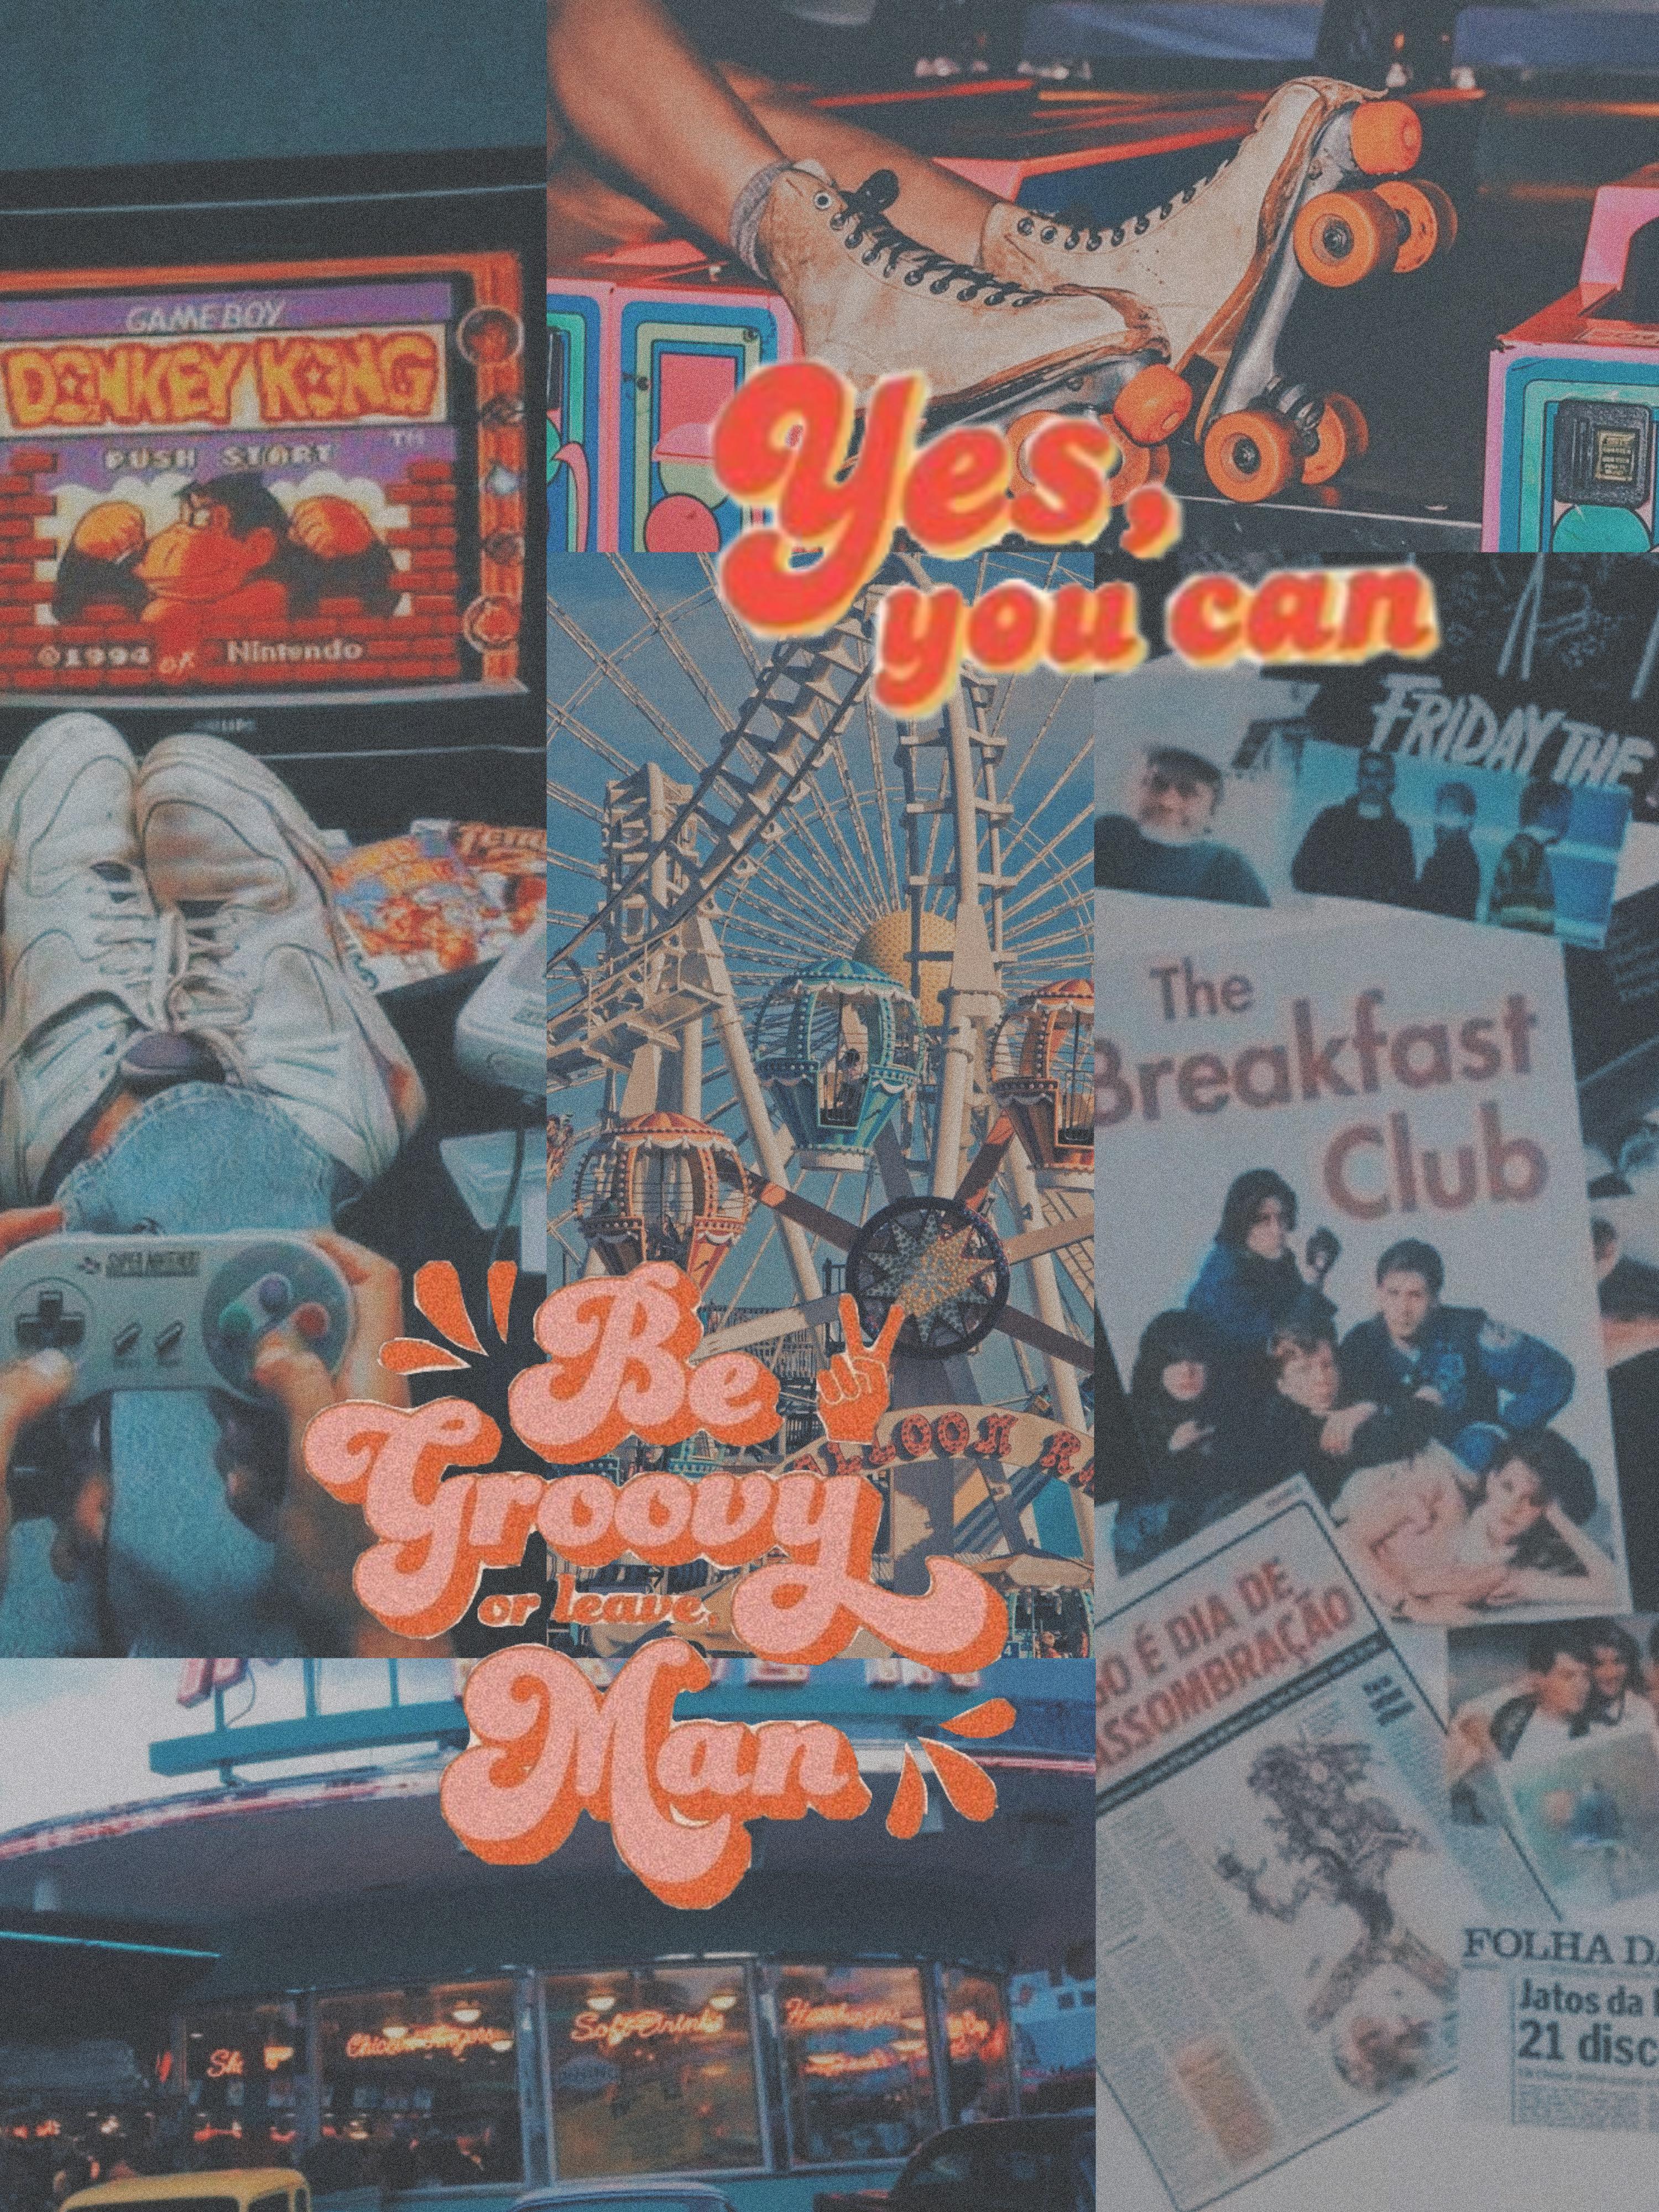 #retro #wallpaper #80s #vintage #90s #aesthetics ...